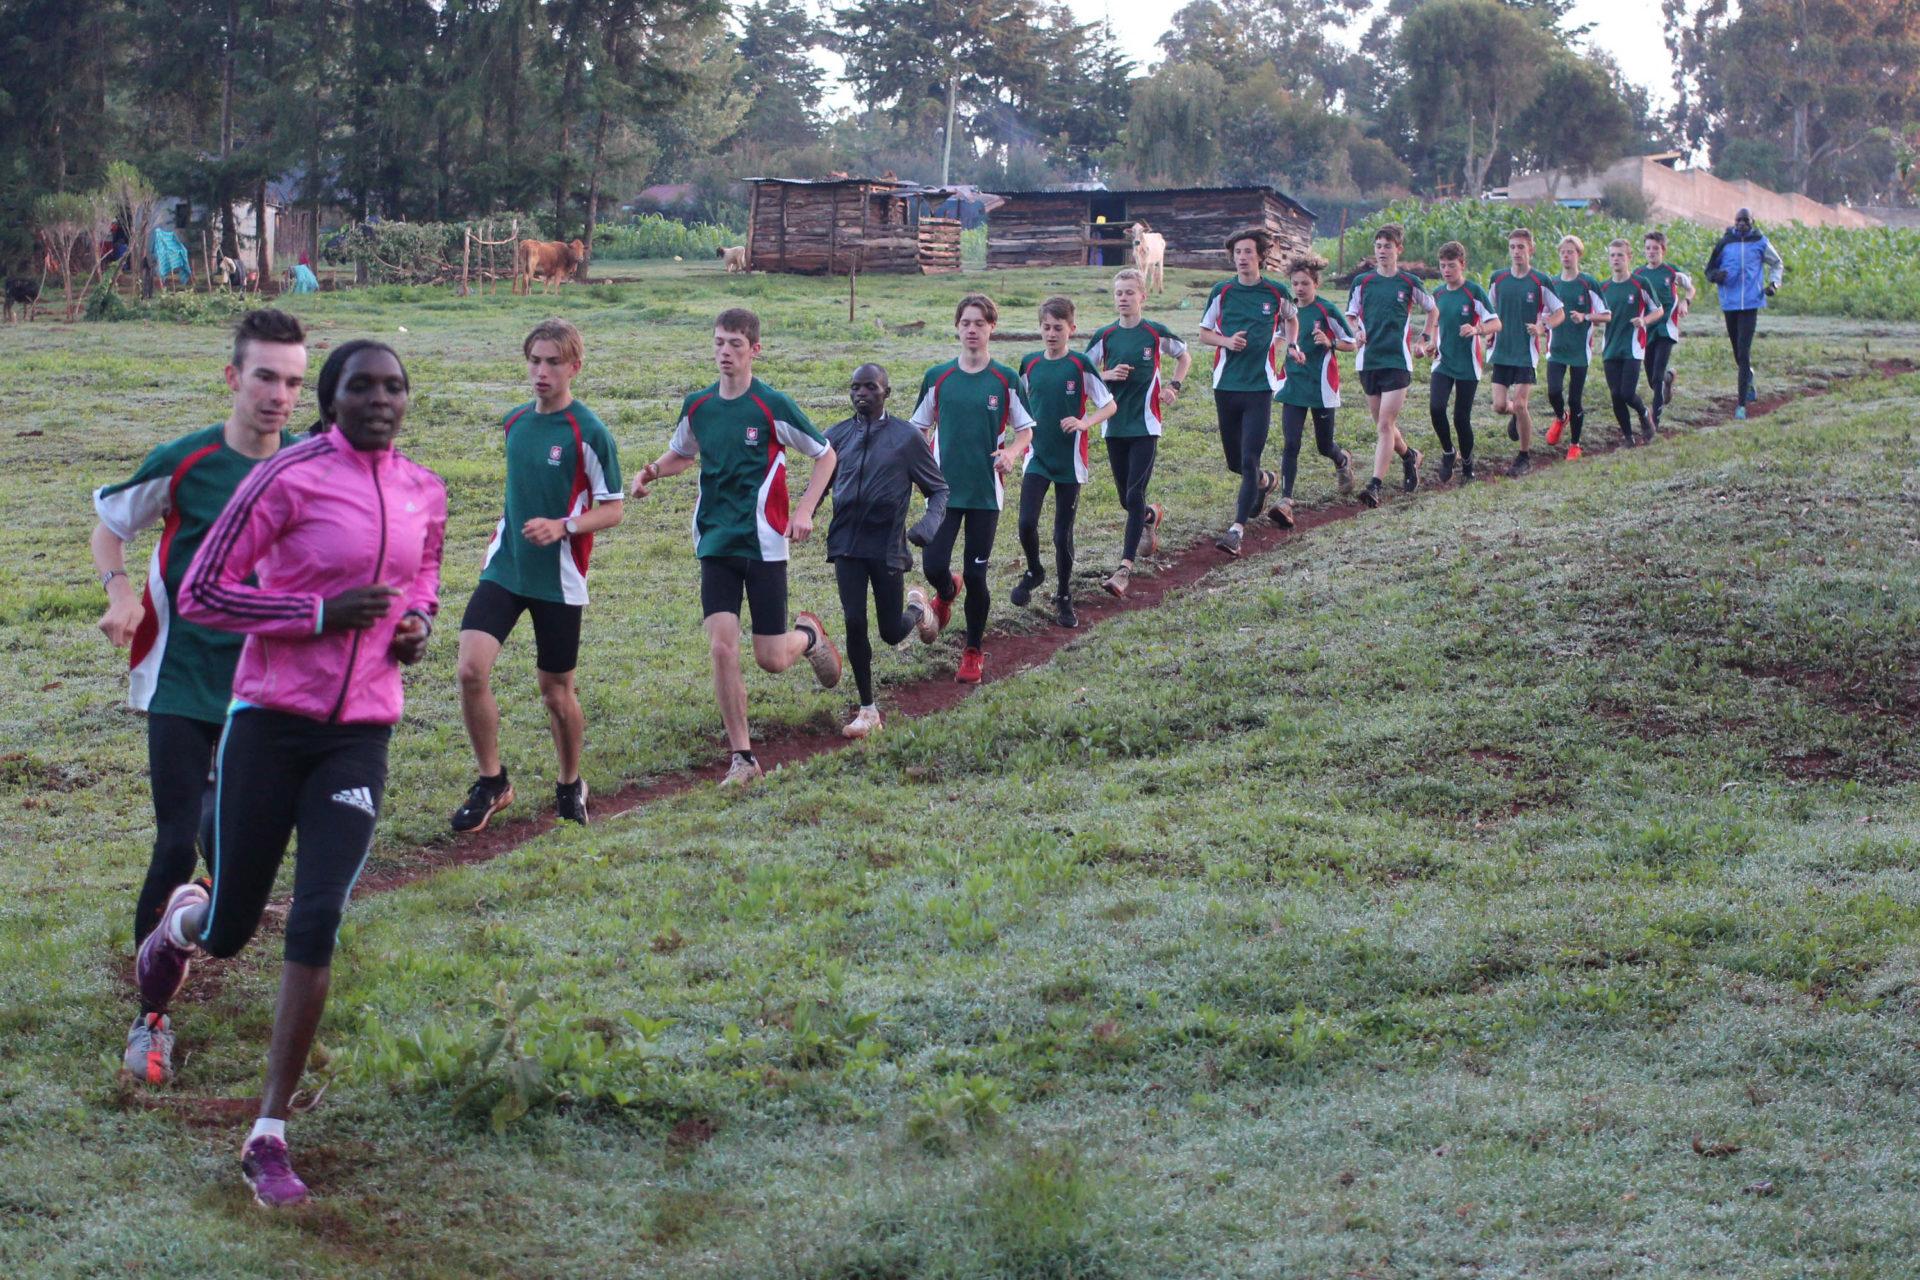 Running the Kenyan Way